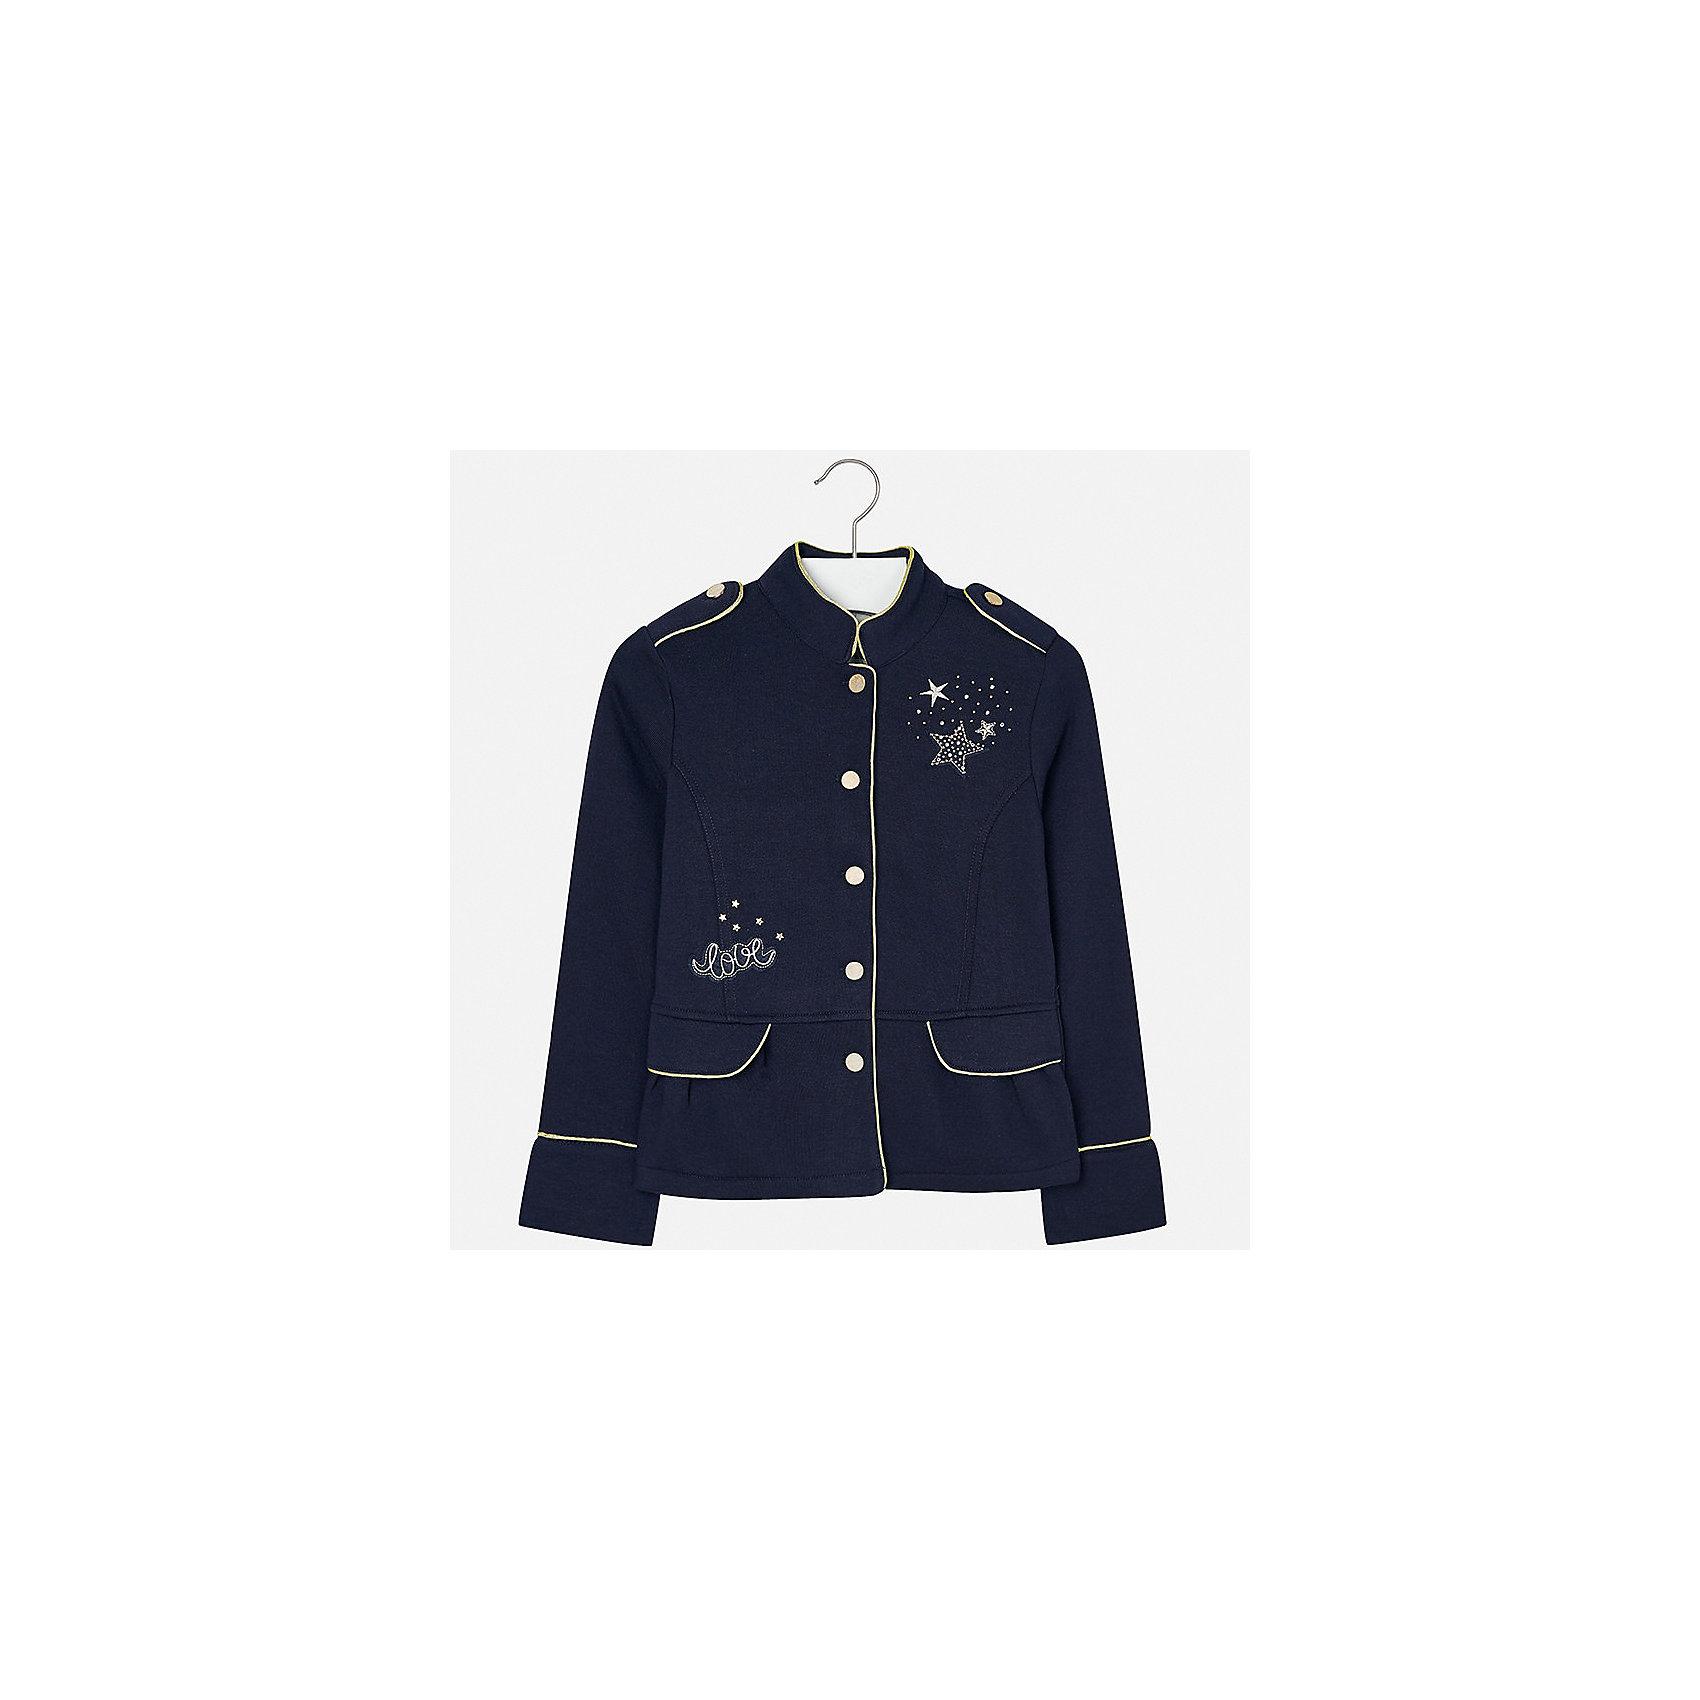 Пиджак для девочки MayoralКостюмы и пиджаки<br>Характеристики товара:<br><br>• цвет: черный<br>• состав ткани: 65% полиэстер, 35% хлопок<br>• застежка: пуговицы<br>• стразы<br>• длинные рукава<br>• сезон: демисезон<br>• страна бренда: Испания<br>• страна изготовитель: Китай<br><br>Отличный способ обеспечить ребенку тепло и комфорт - надеть стильный пиджак от Mayoral. Пиджак может быть не только строгим, эта модель выполнена в одном из моднейших стилей наступающего сезона - милитари, она отличается эффектной отделкой вышивкой и стразами. <br><br>В одежде от испанской компании Майорал ребенок будет выглядеть модно, а чувствовать себя - комфортно. Целая команда европейских талантливых дизайнеров работает над созданием стильных и оригинальных моделей одежды.<br><br>Пиджак для девочки Mayoral (Майорал) можно купить в нашем интернет-магазине.<br><br>Ширина мм: 190<br>Глубина мм: 74<br>Высота мм: 229<br>Вес г: 236<br>Цвет: темно-синий<br>Возраст от месяцев: 96<br>Возраст до месяцев: 108<br>Пол: Женский<br>Возраст: Детский<br>Размер: 128/134,140,152,158,164,170<br>SKU: 6921989